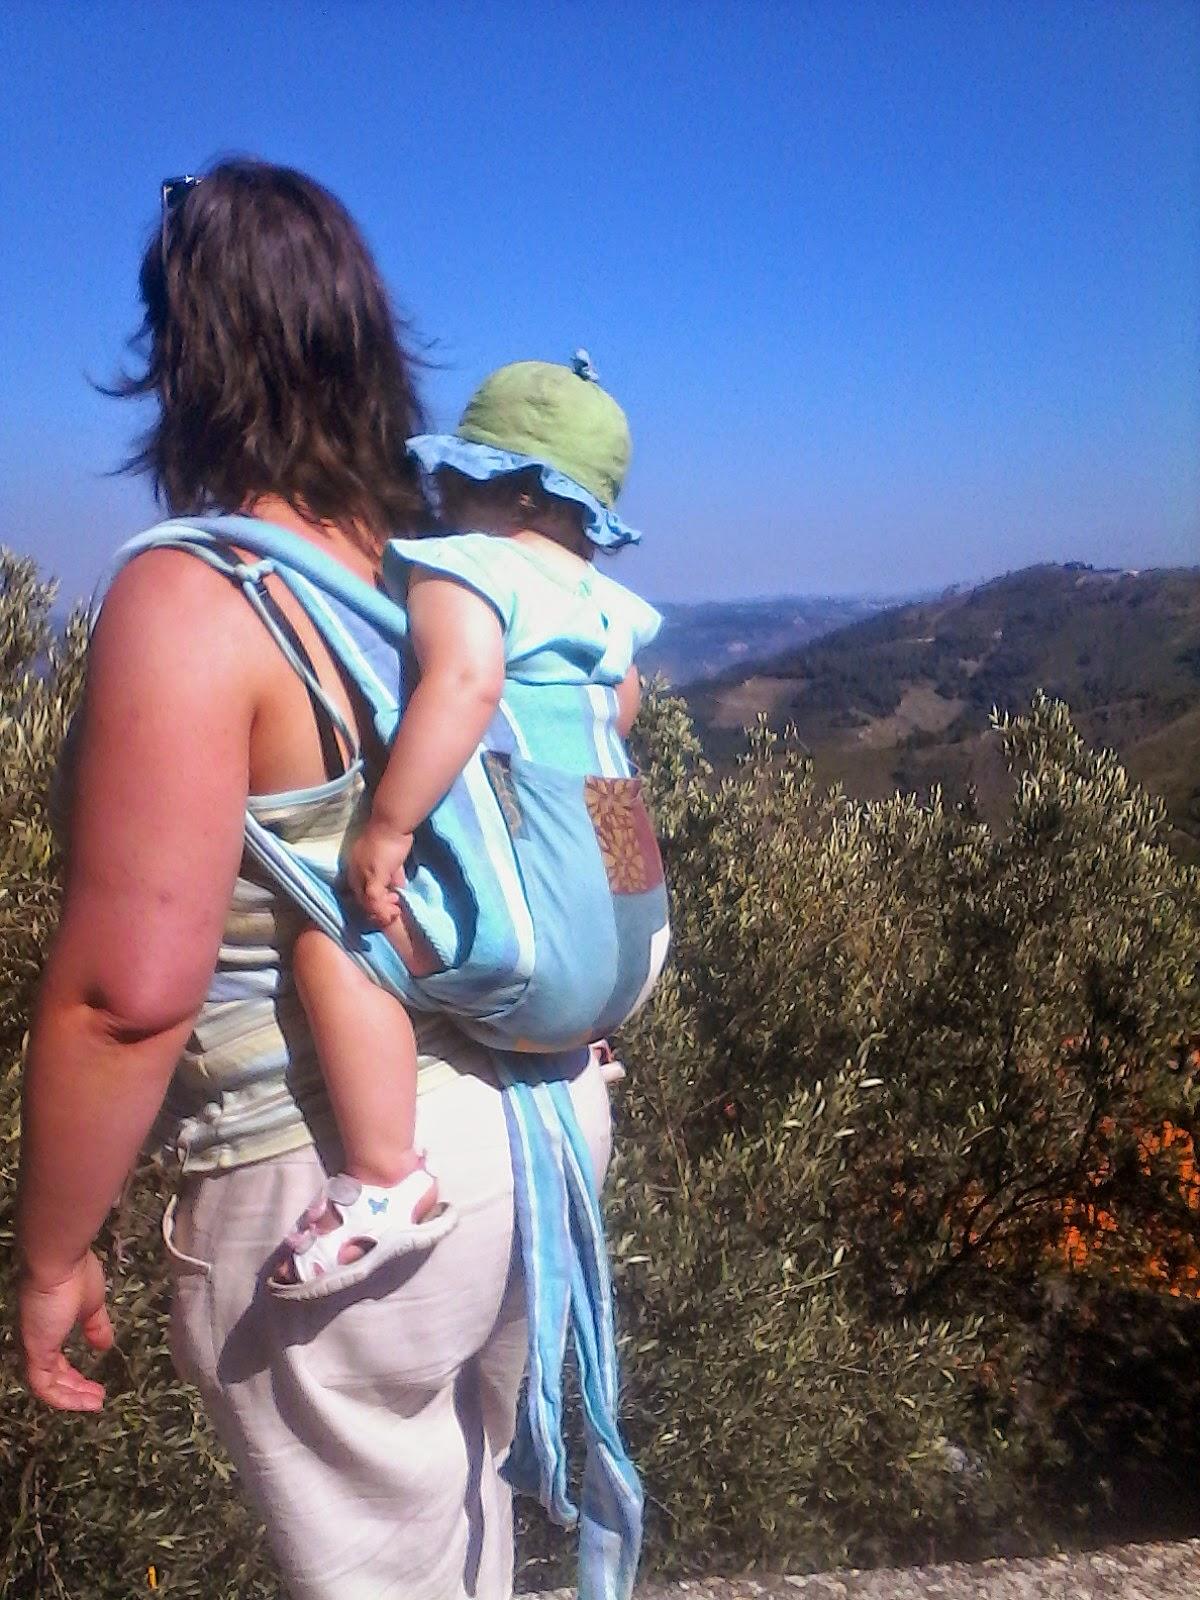 portage mei-tai randonnée montagne pratique bébé portugal été chaleur poussette bei-dai